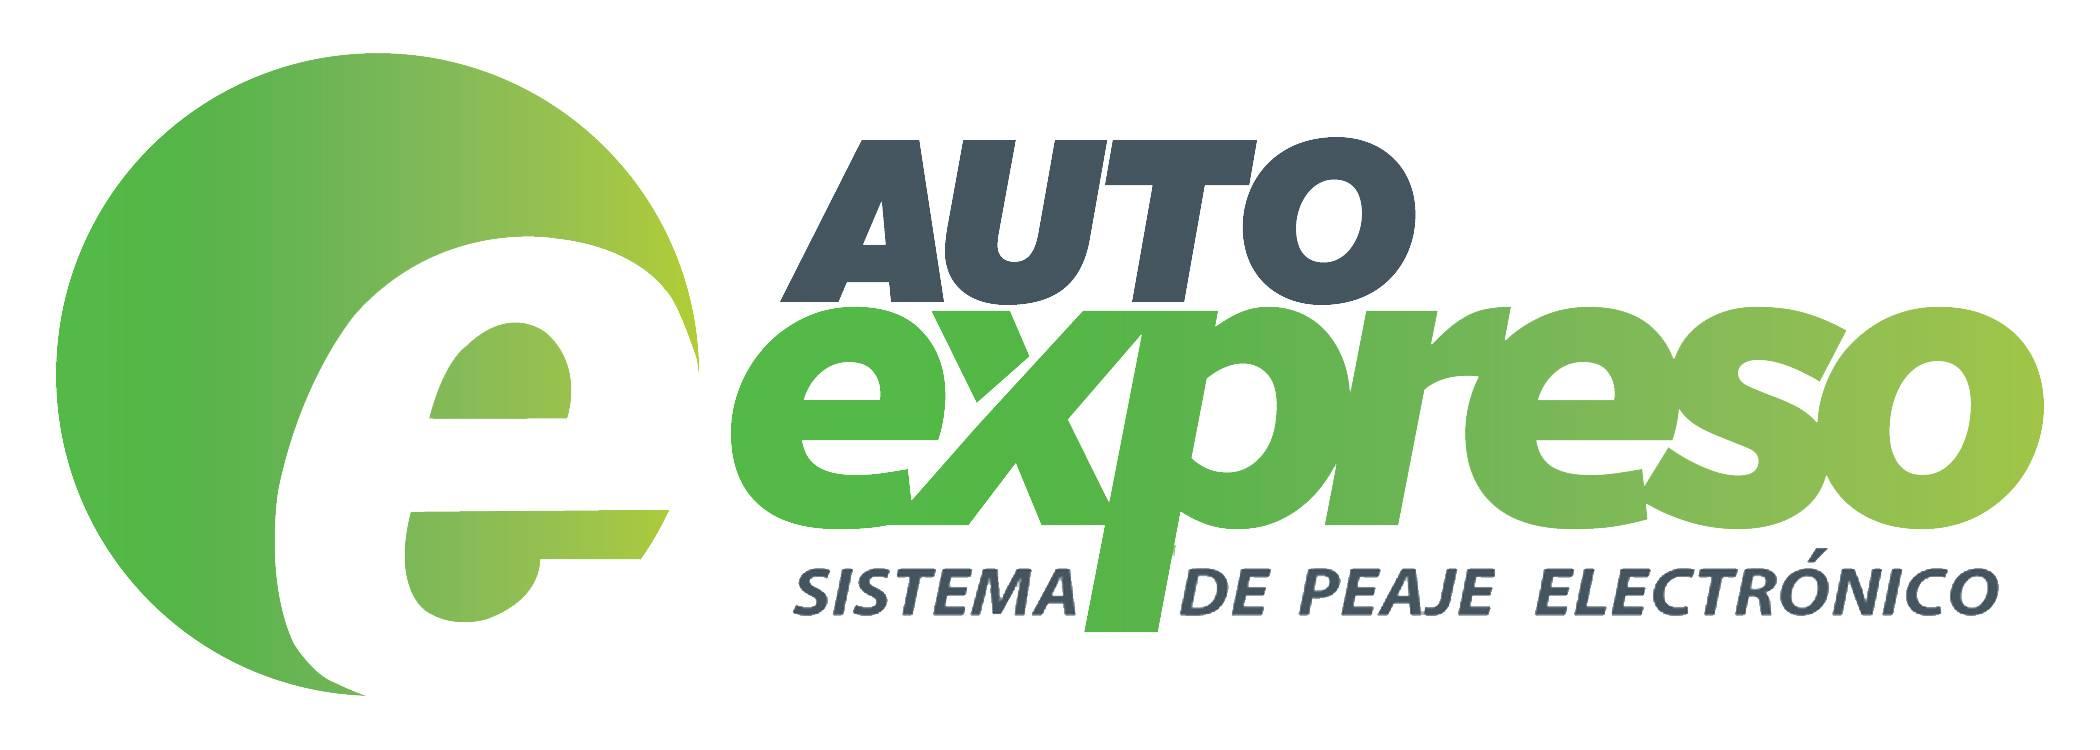 autoexpreso-dfd9a52d522f162dfc8932d0a64178a7.jpg